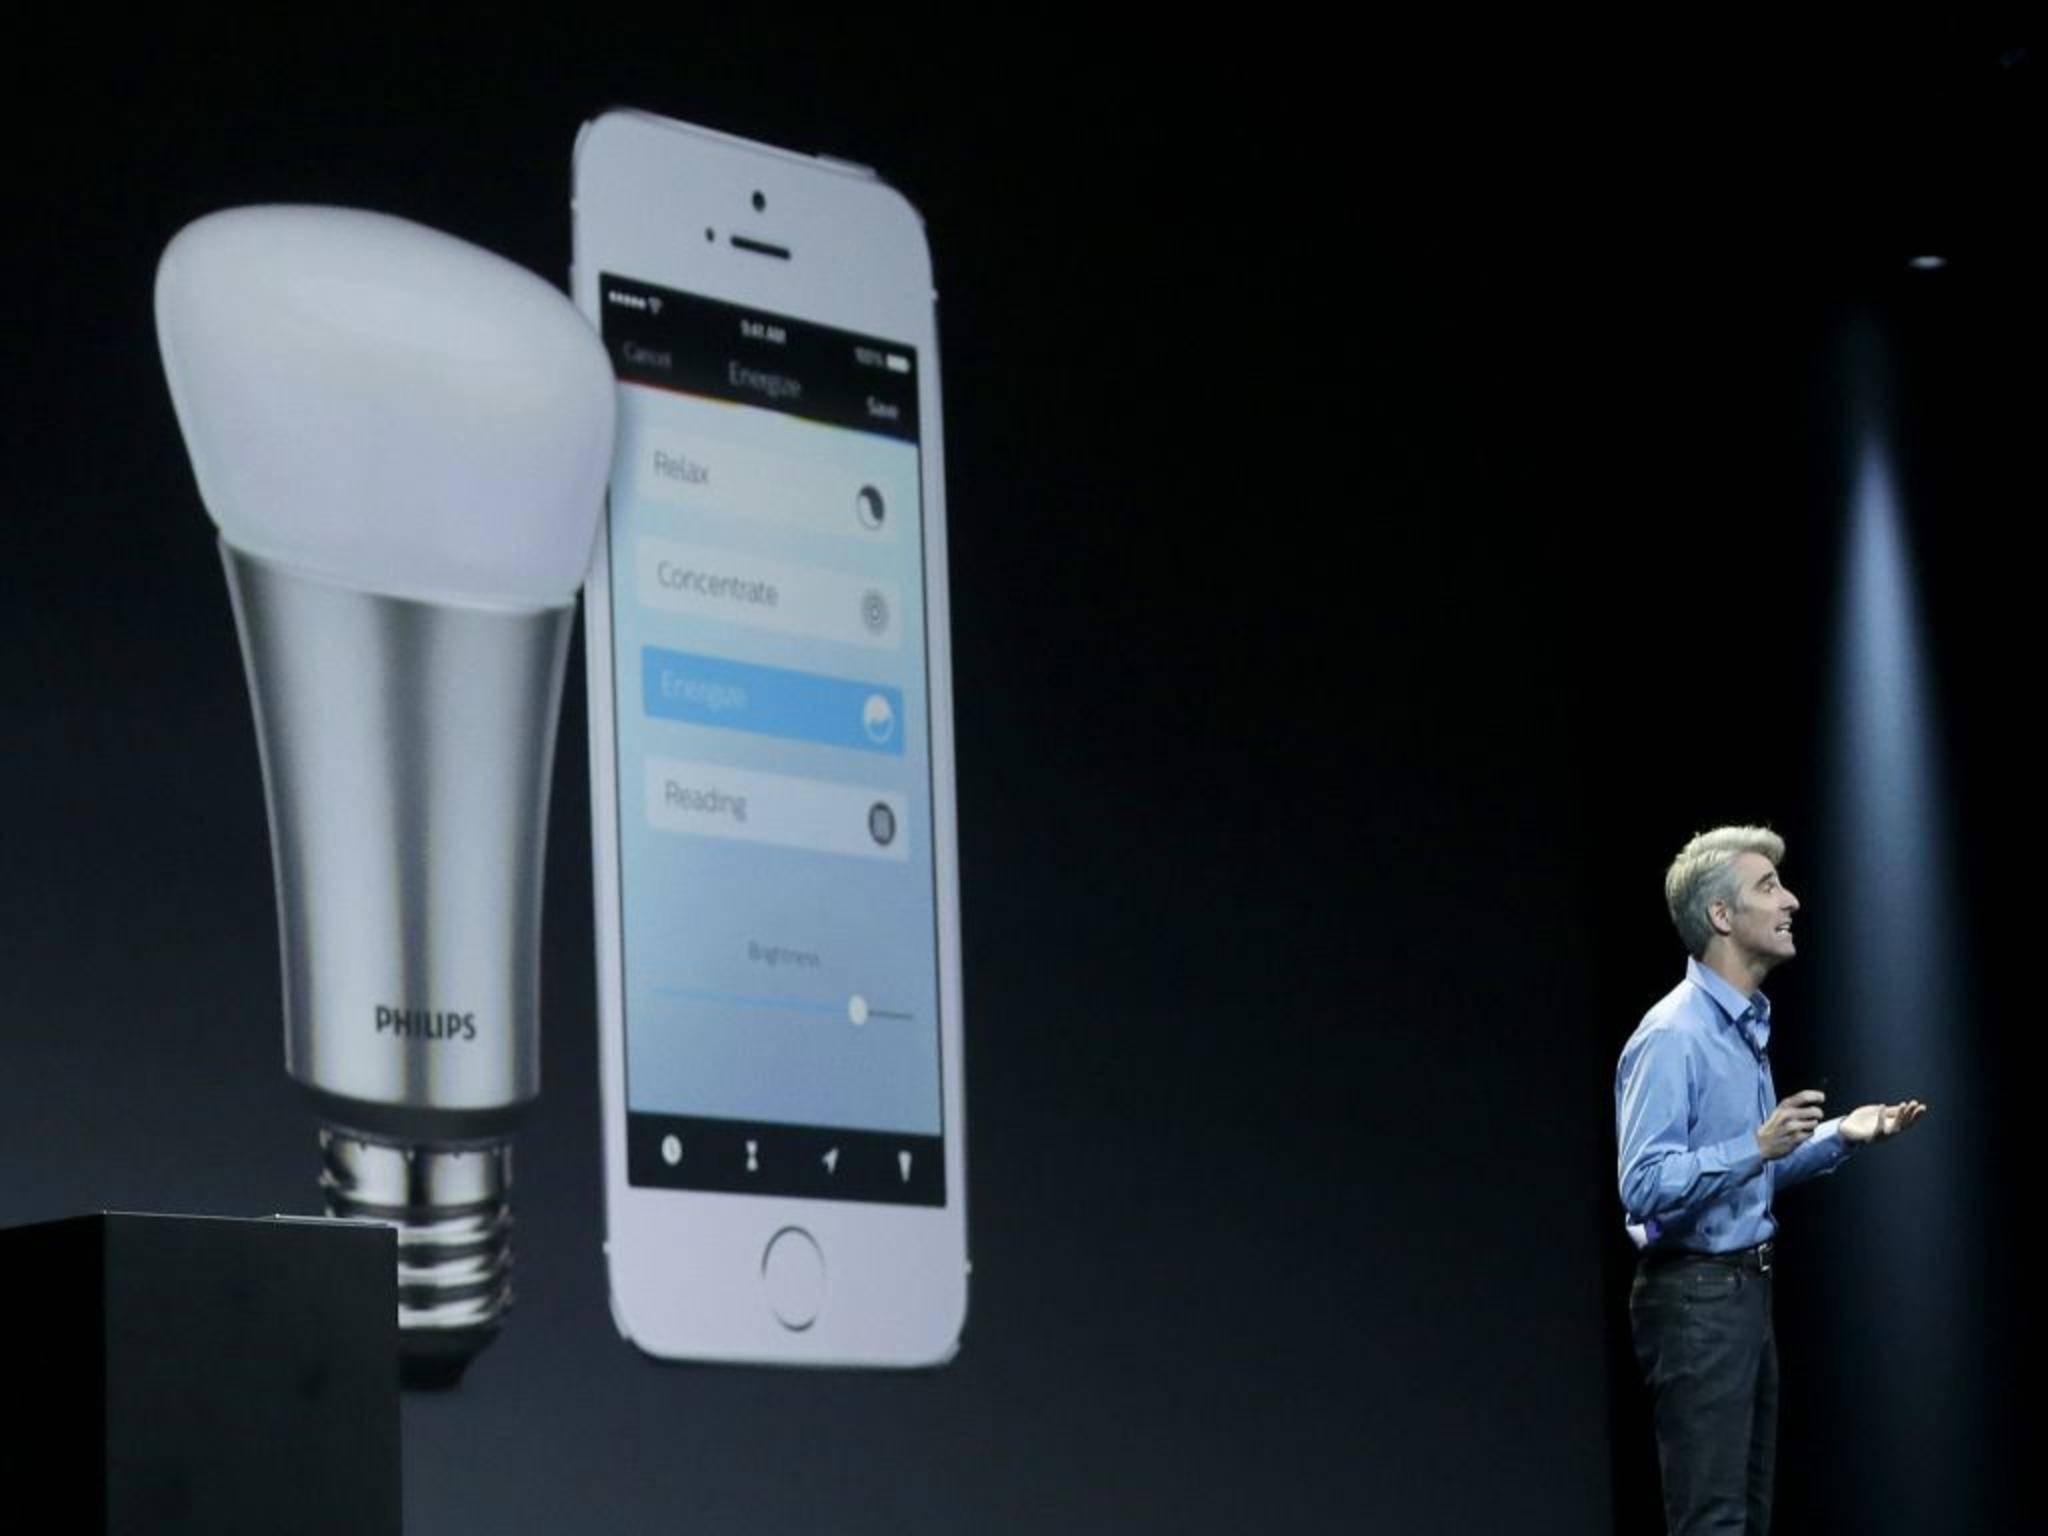 Geräte für Apples HomeKit werden nicht vor dem Frühjahr erscheinen.